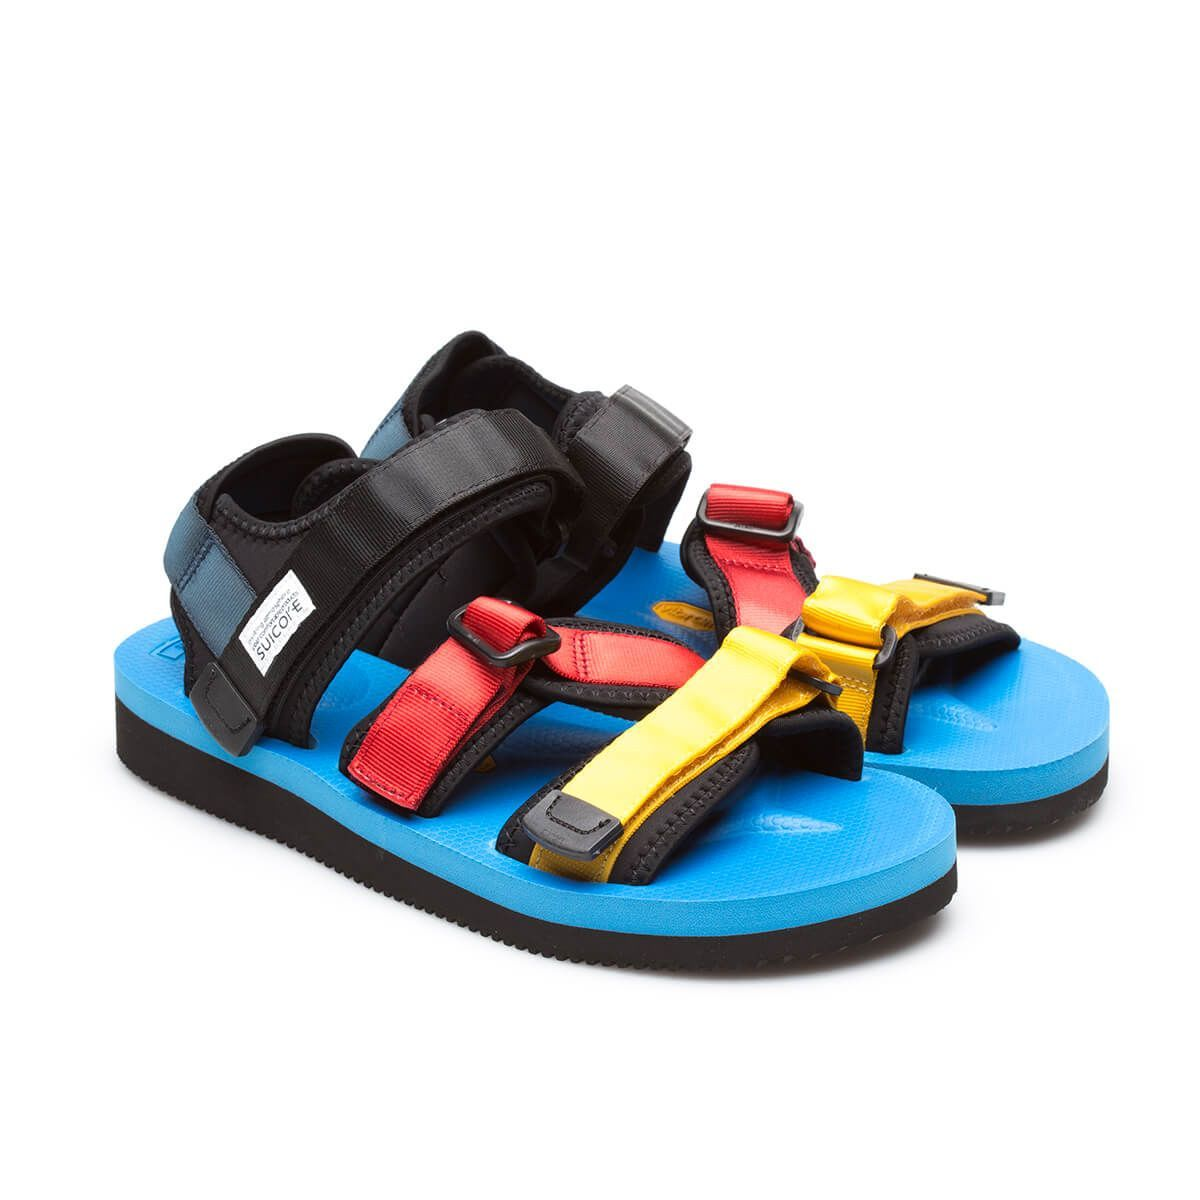 2b0abe5a09f3 SUICOKE - SUICOKE Kisee-v Sandals - Multicolor